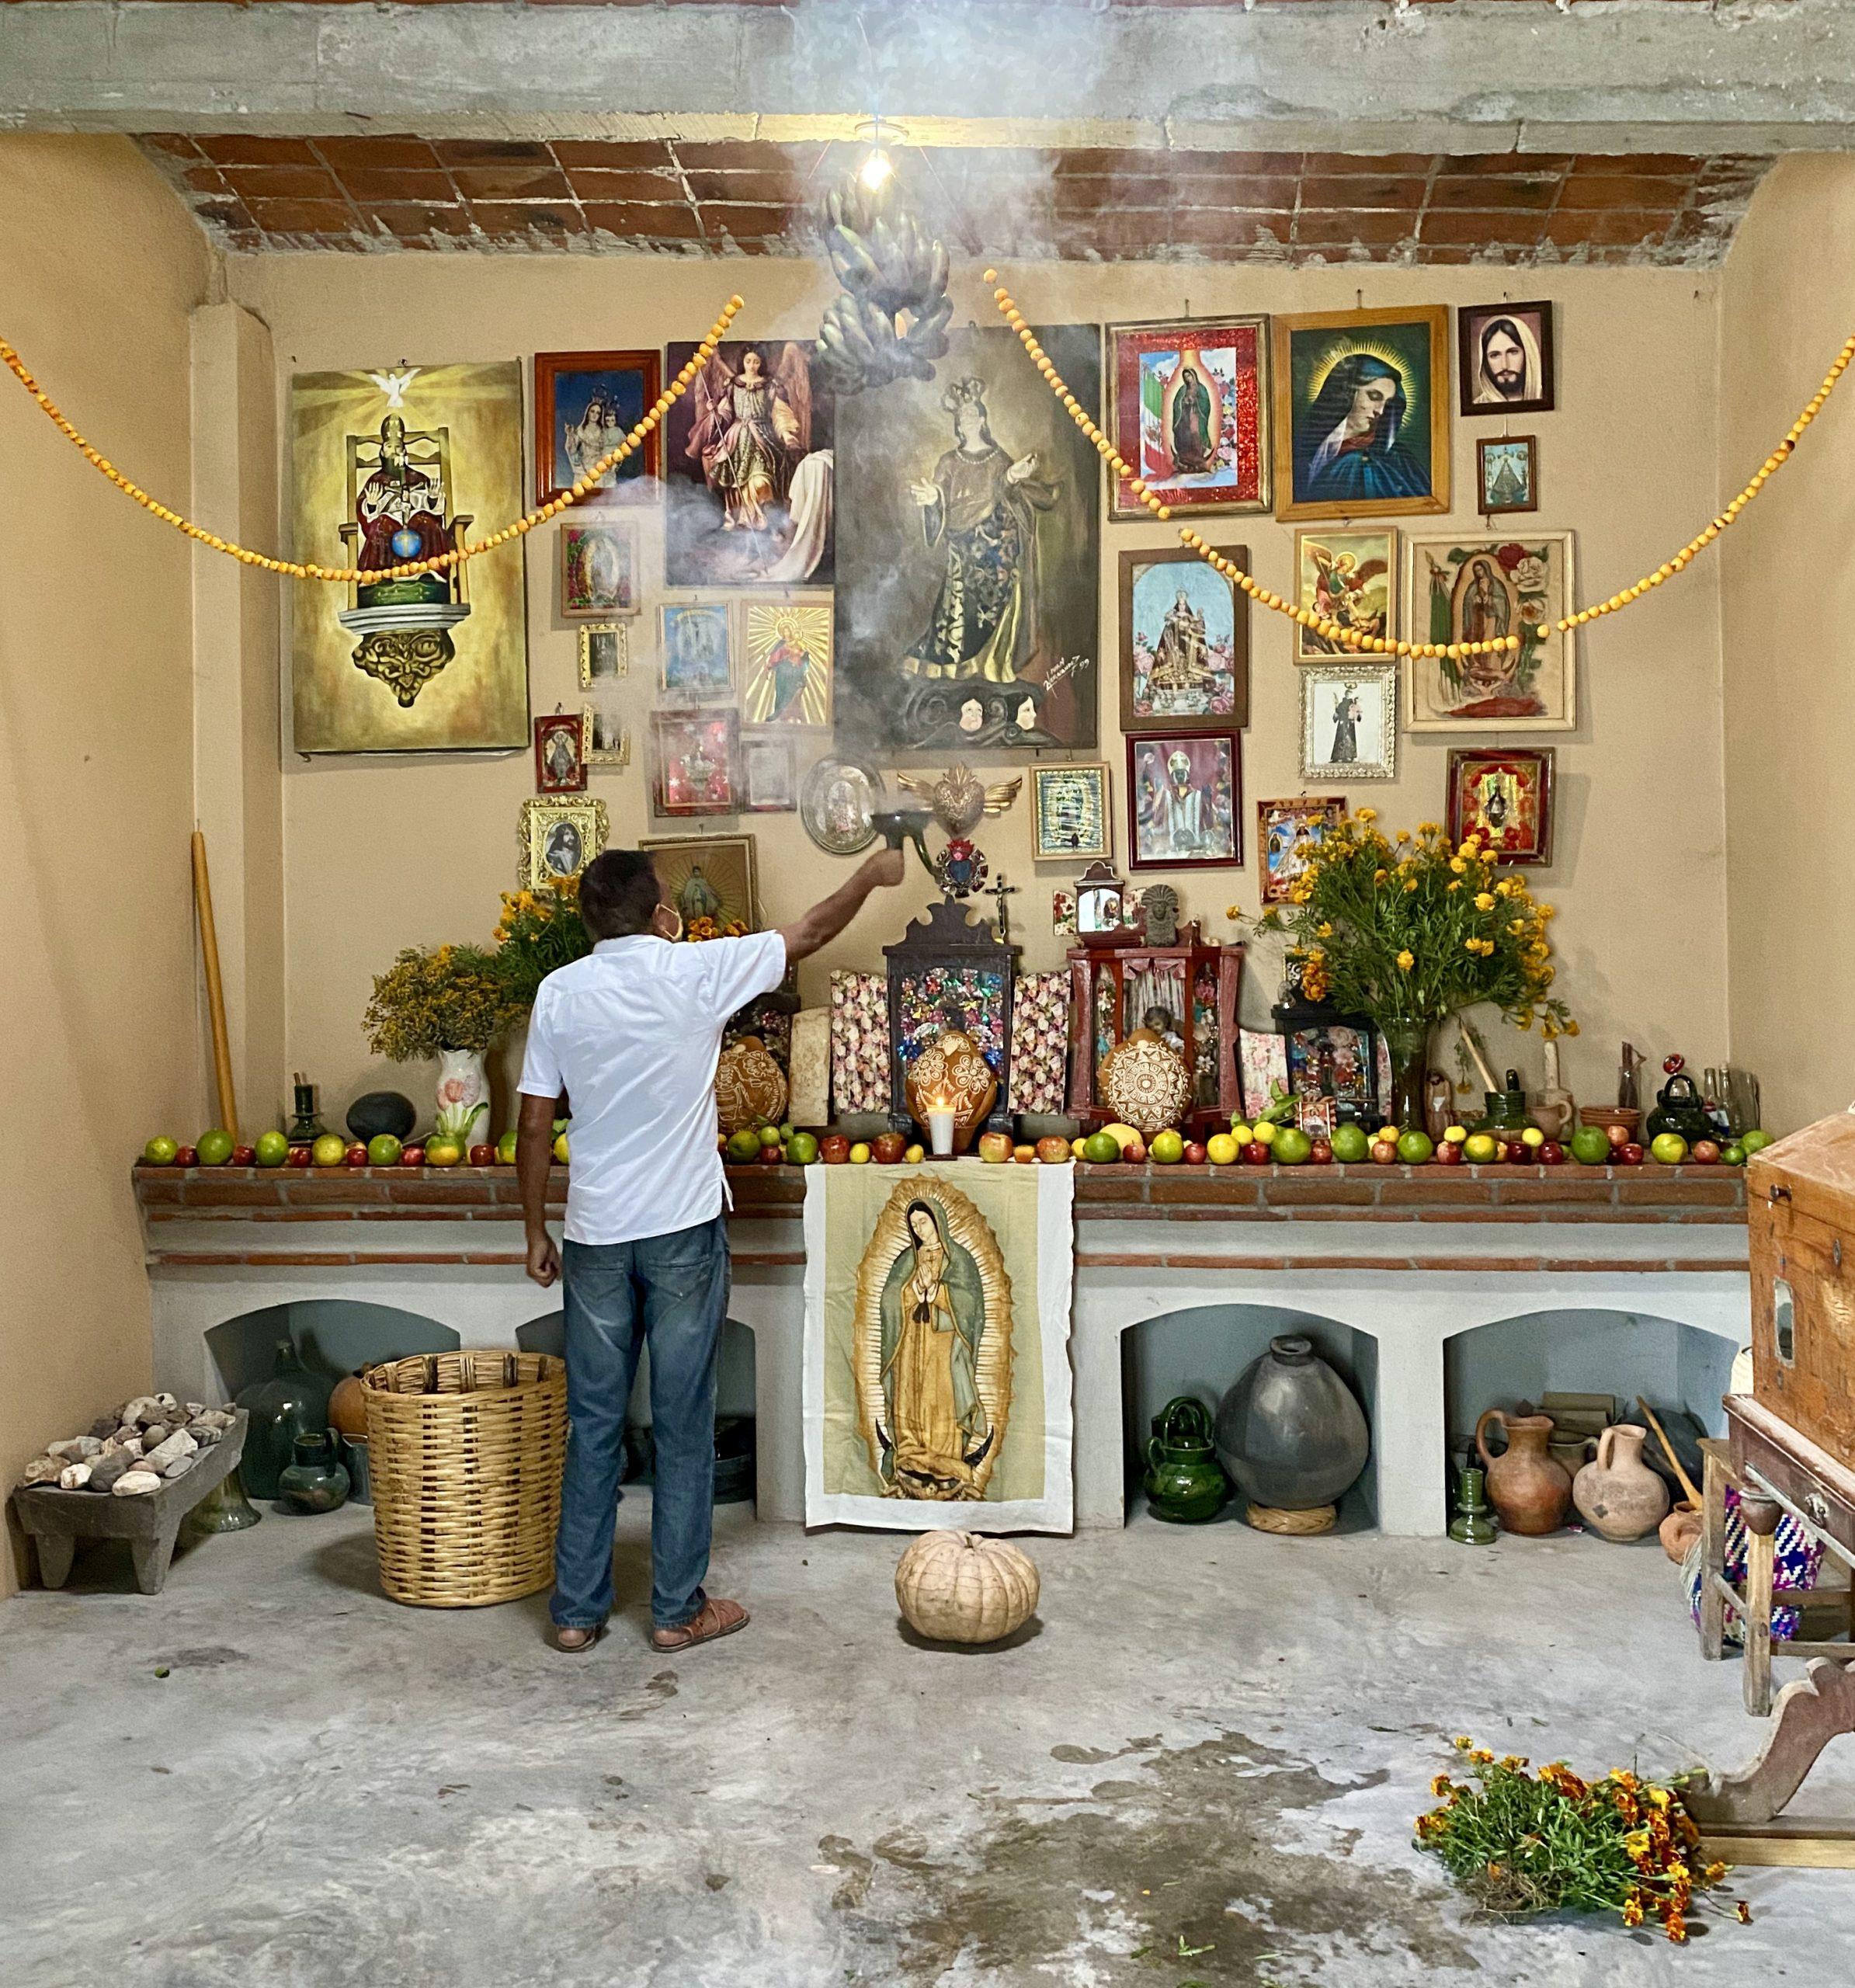 MEXICO SOSTENIBLE - MUJER Y VIAJERA - VIAJAR SOLA - VIAJES PARA MUJERES25